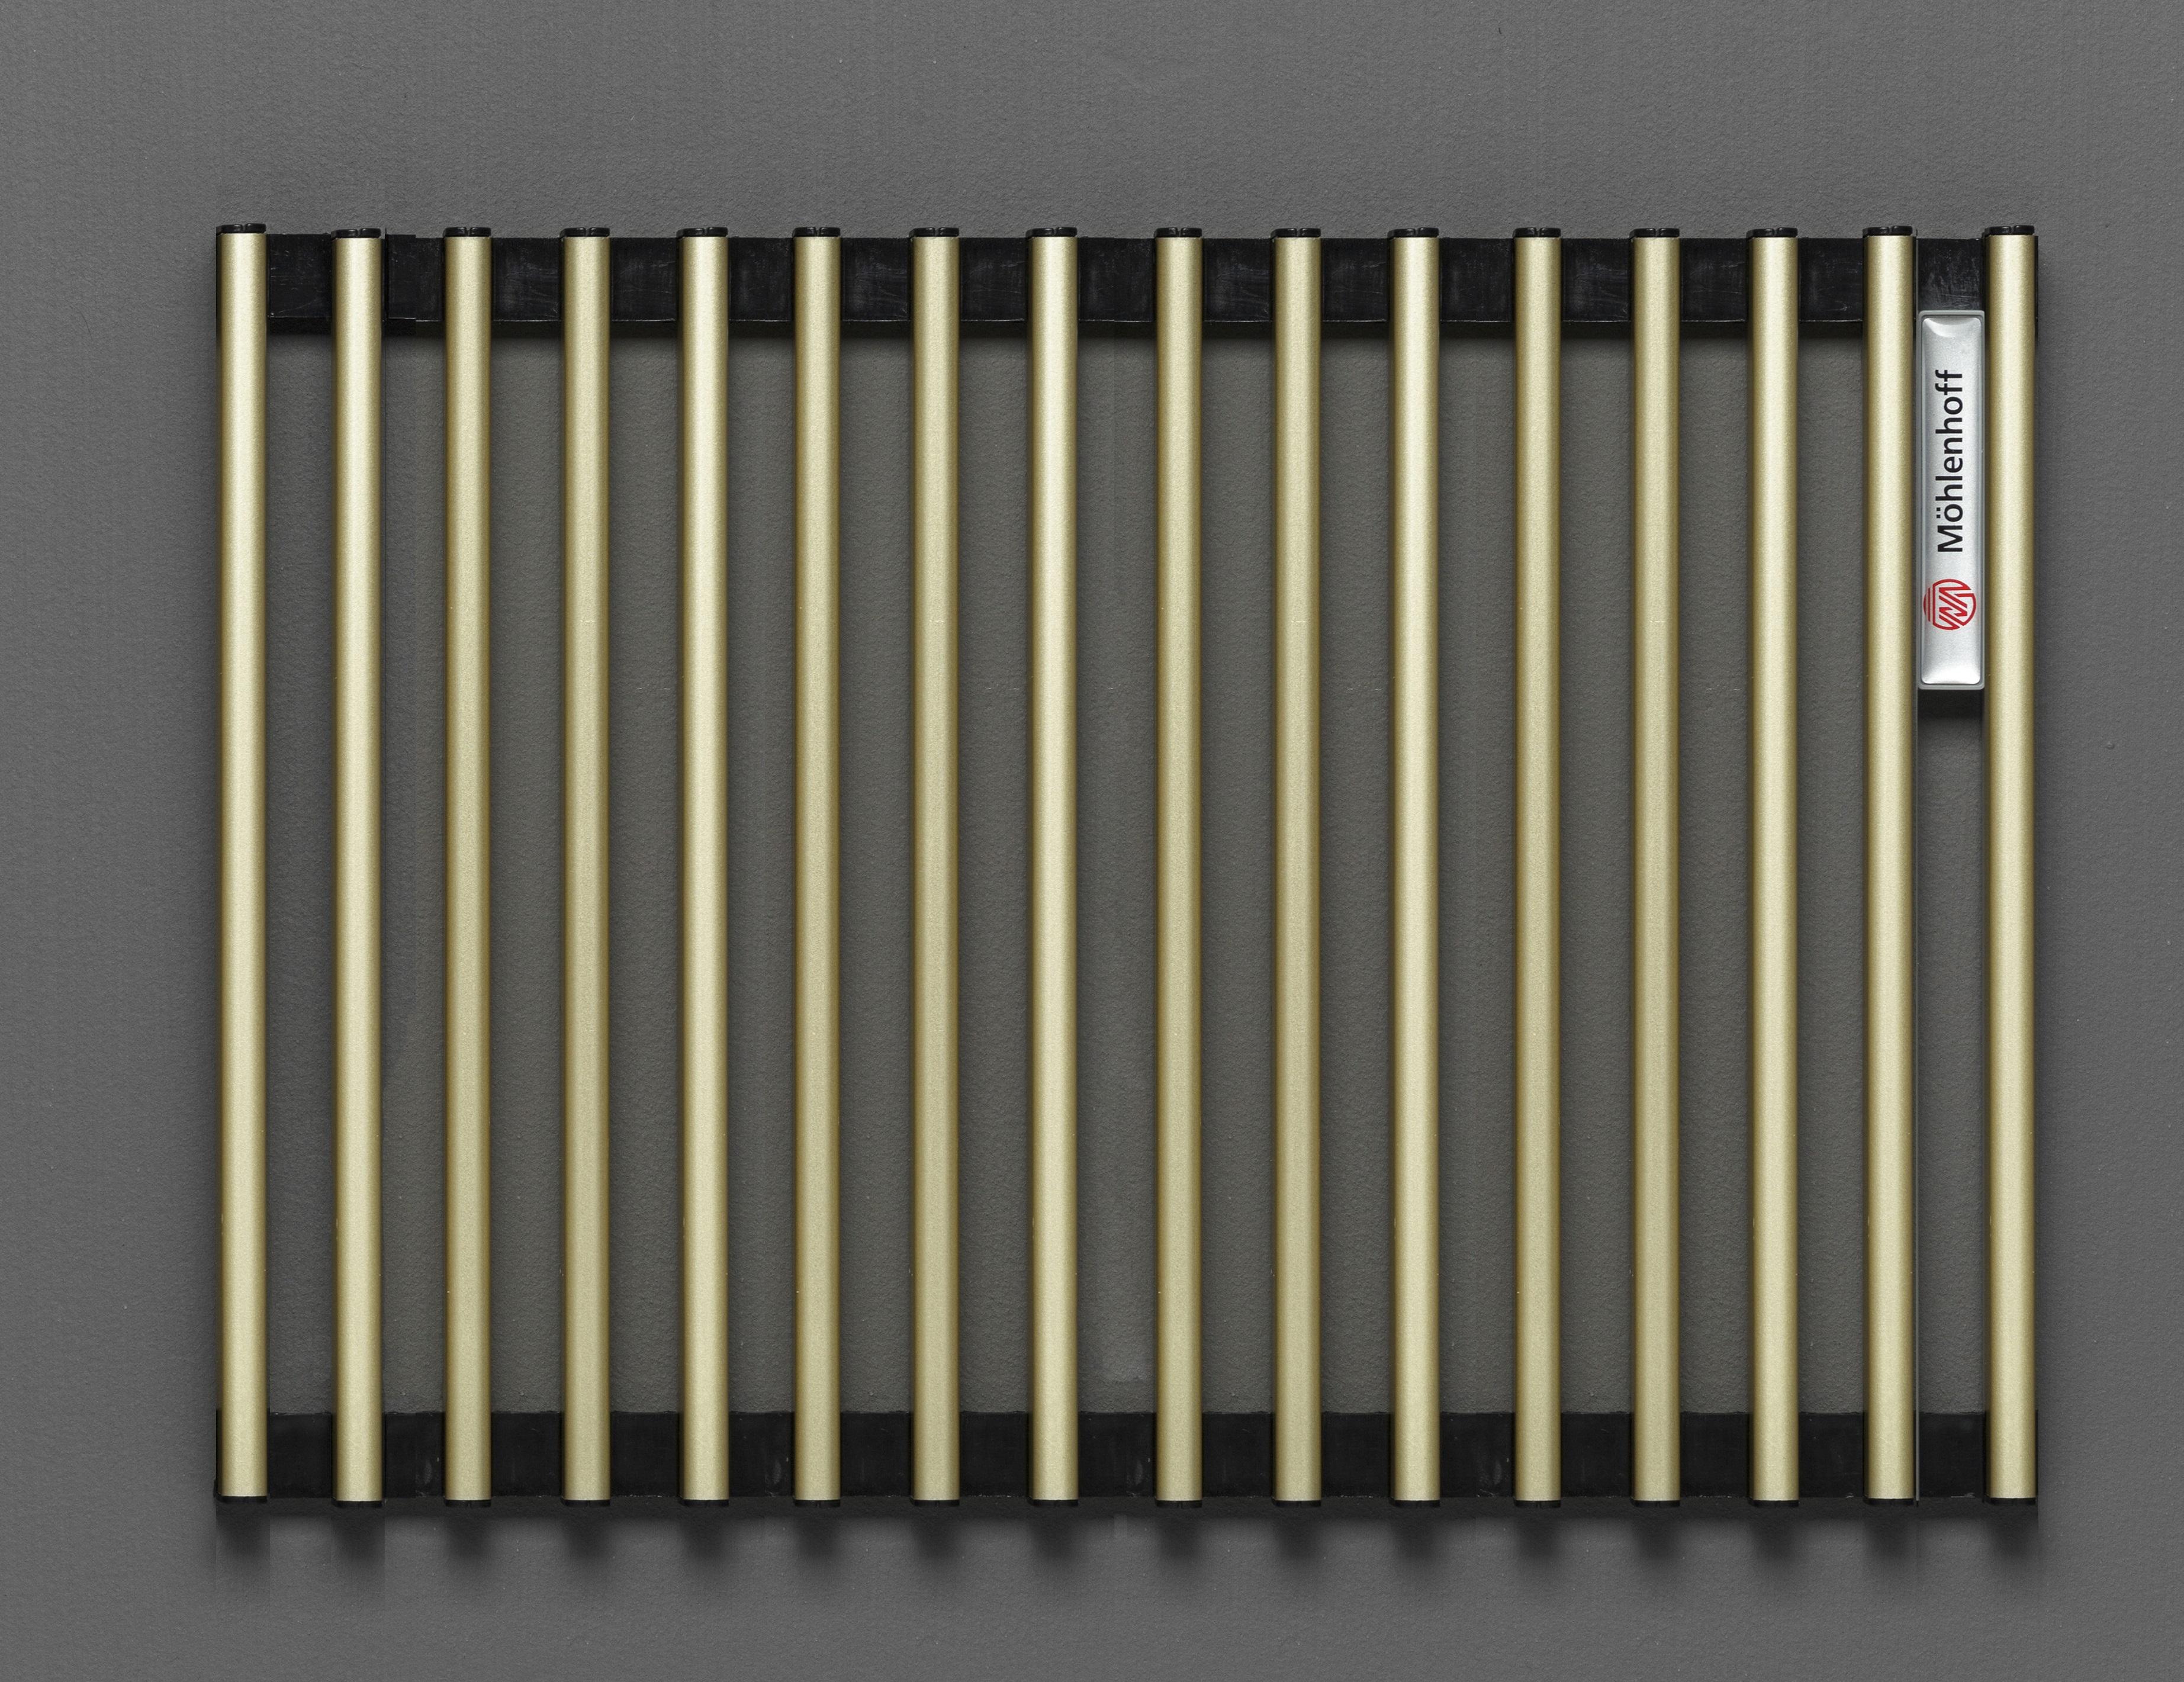 Купить Декоративная решётка Mohlenhoff светлая латунь, шириной 260 мм 1 пог. м, Россия